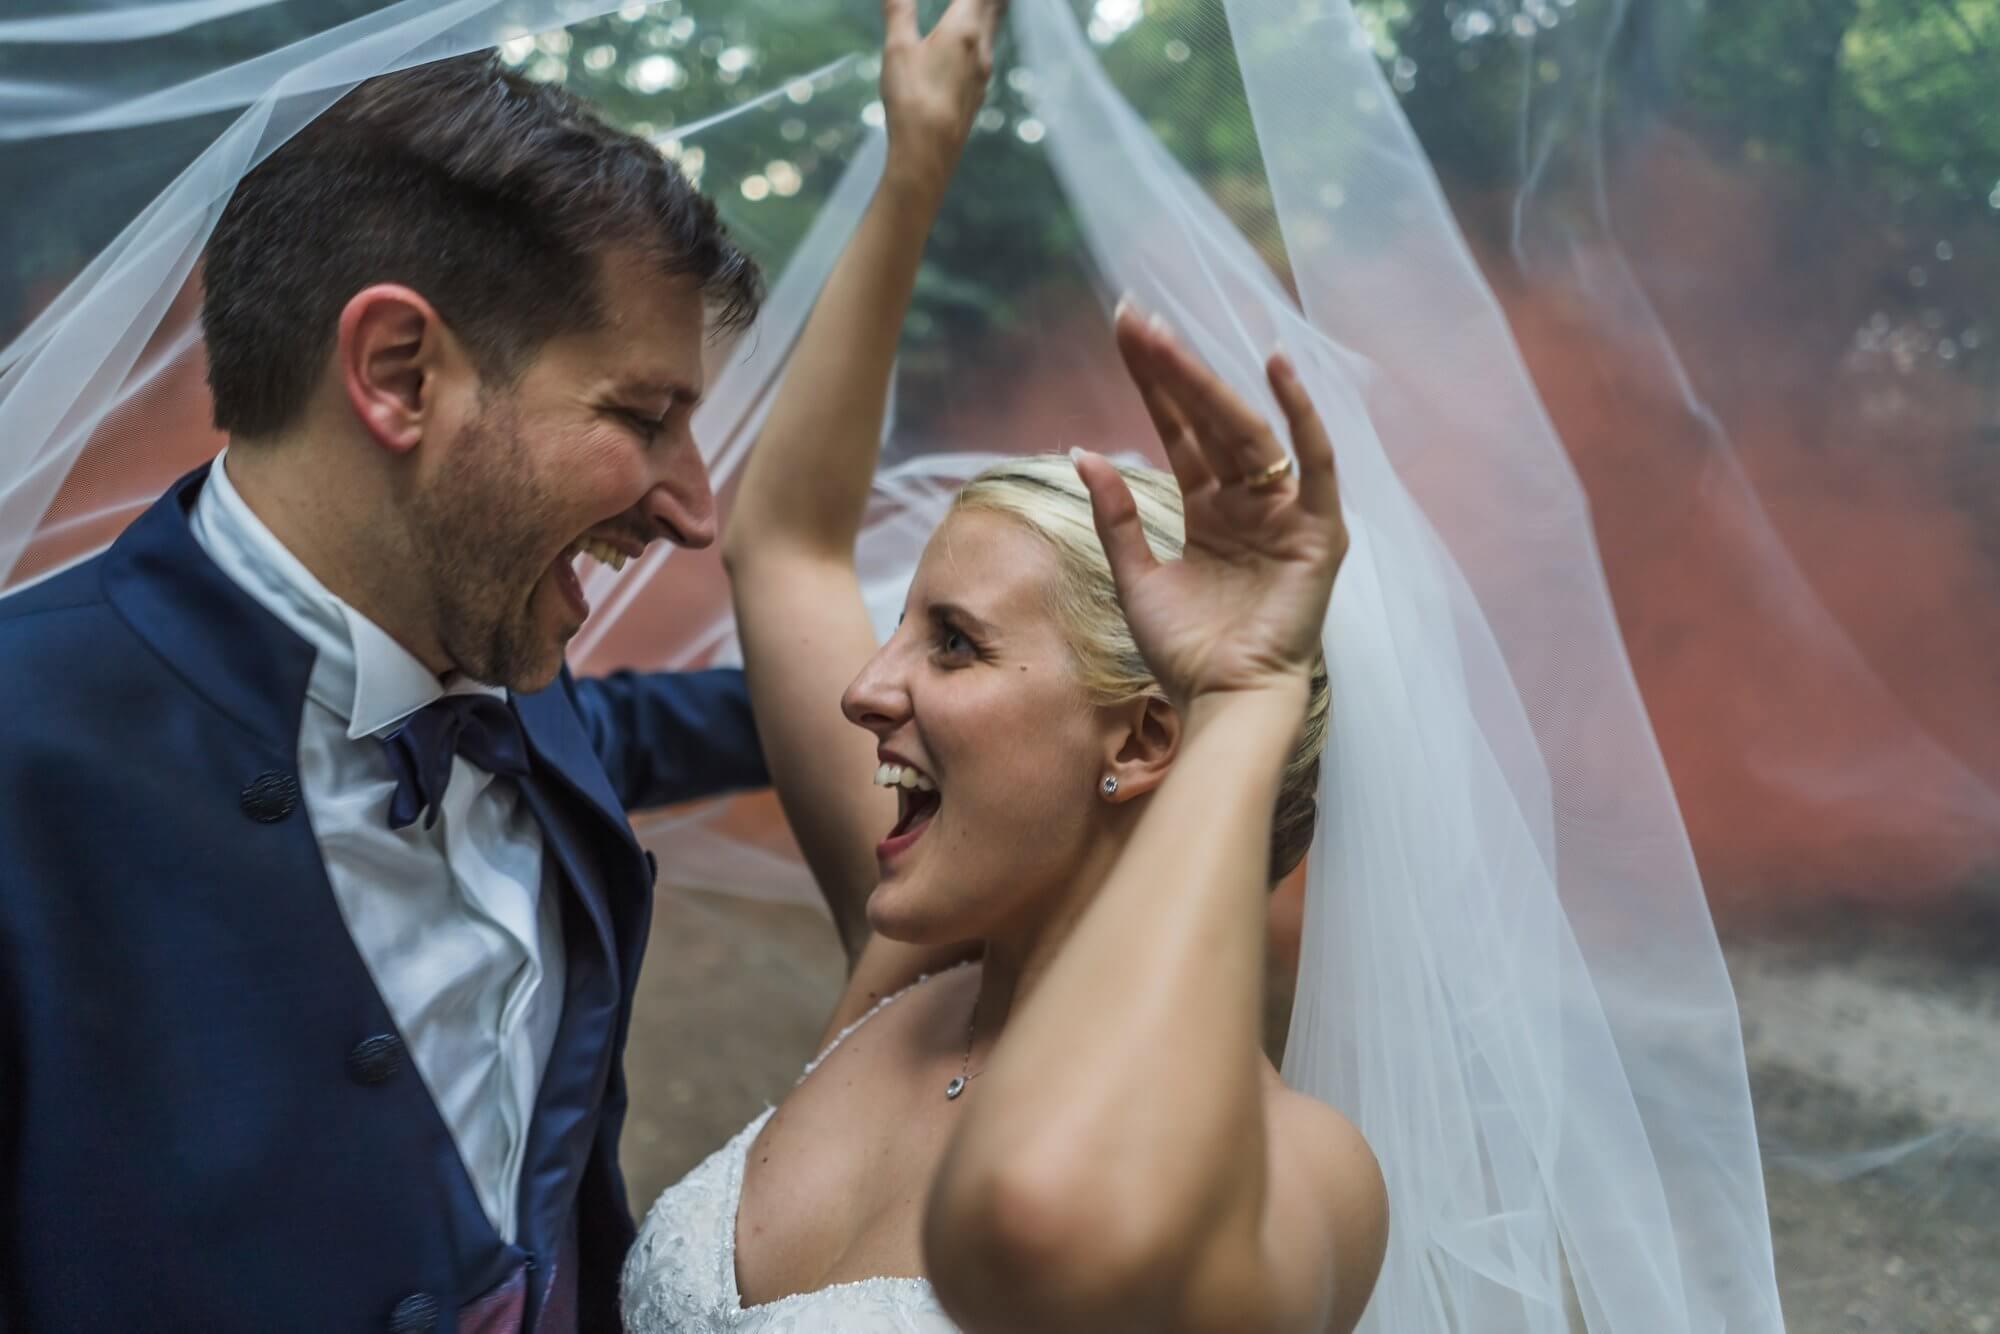 Servizio fotografico di matrimonio a Padova, incantevoli scenario di Parco Frassanelle. Giulia ed Emanuele sposi. Michelino Studio, fotografi di matrimonio Professionisti in Veneto.